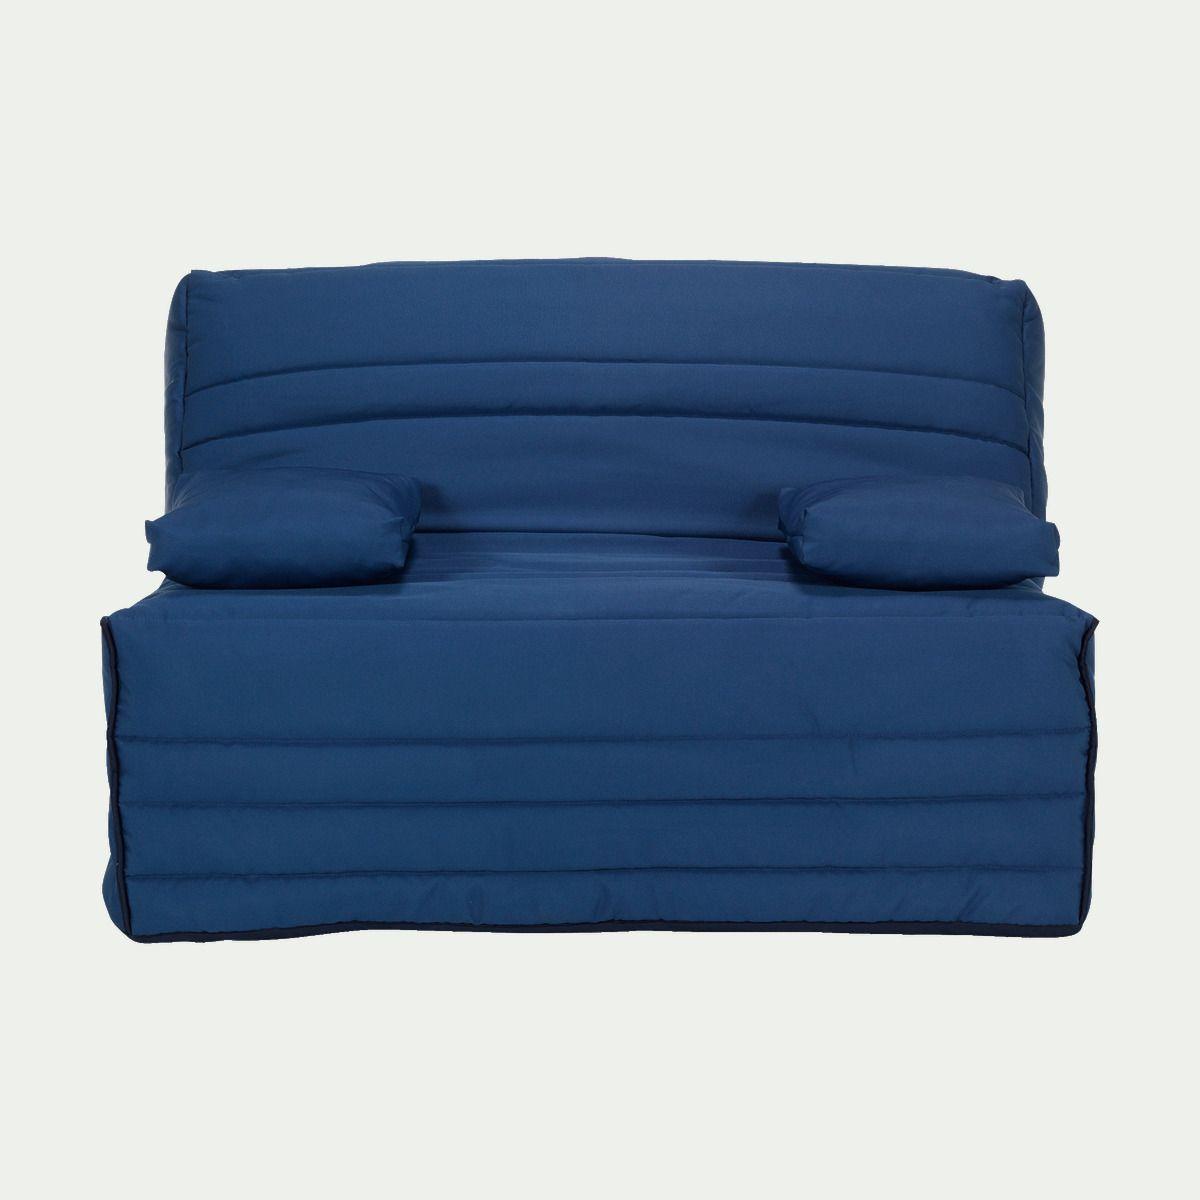 Housse Pour Clic Clac 130cm Bleue Alinea Housse Bz Housse Canape Bz Housses